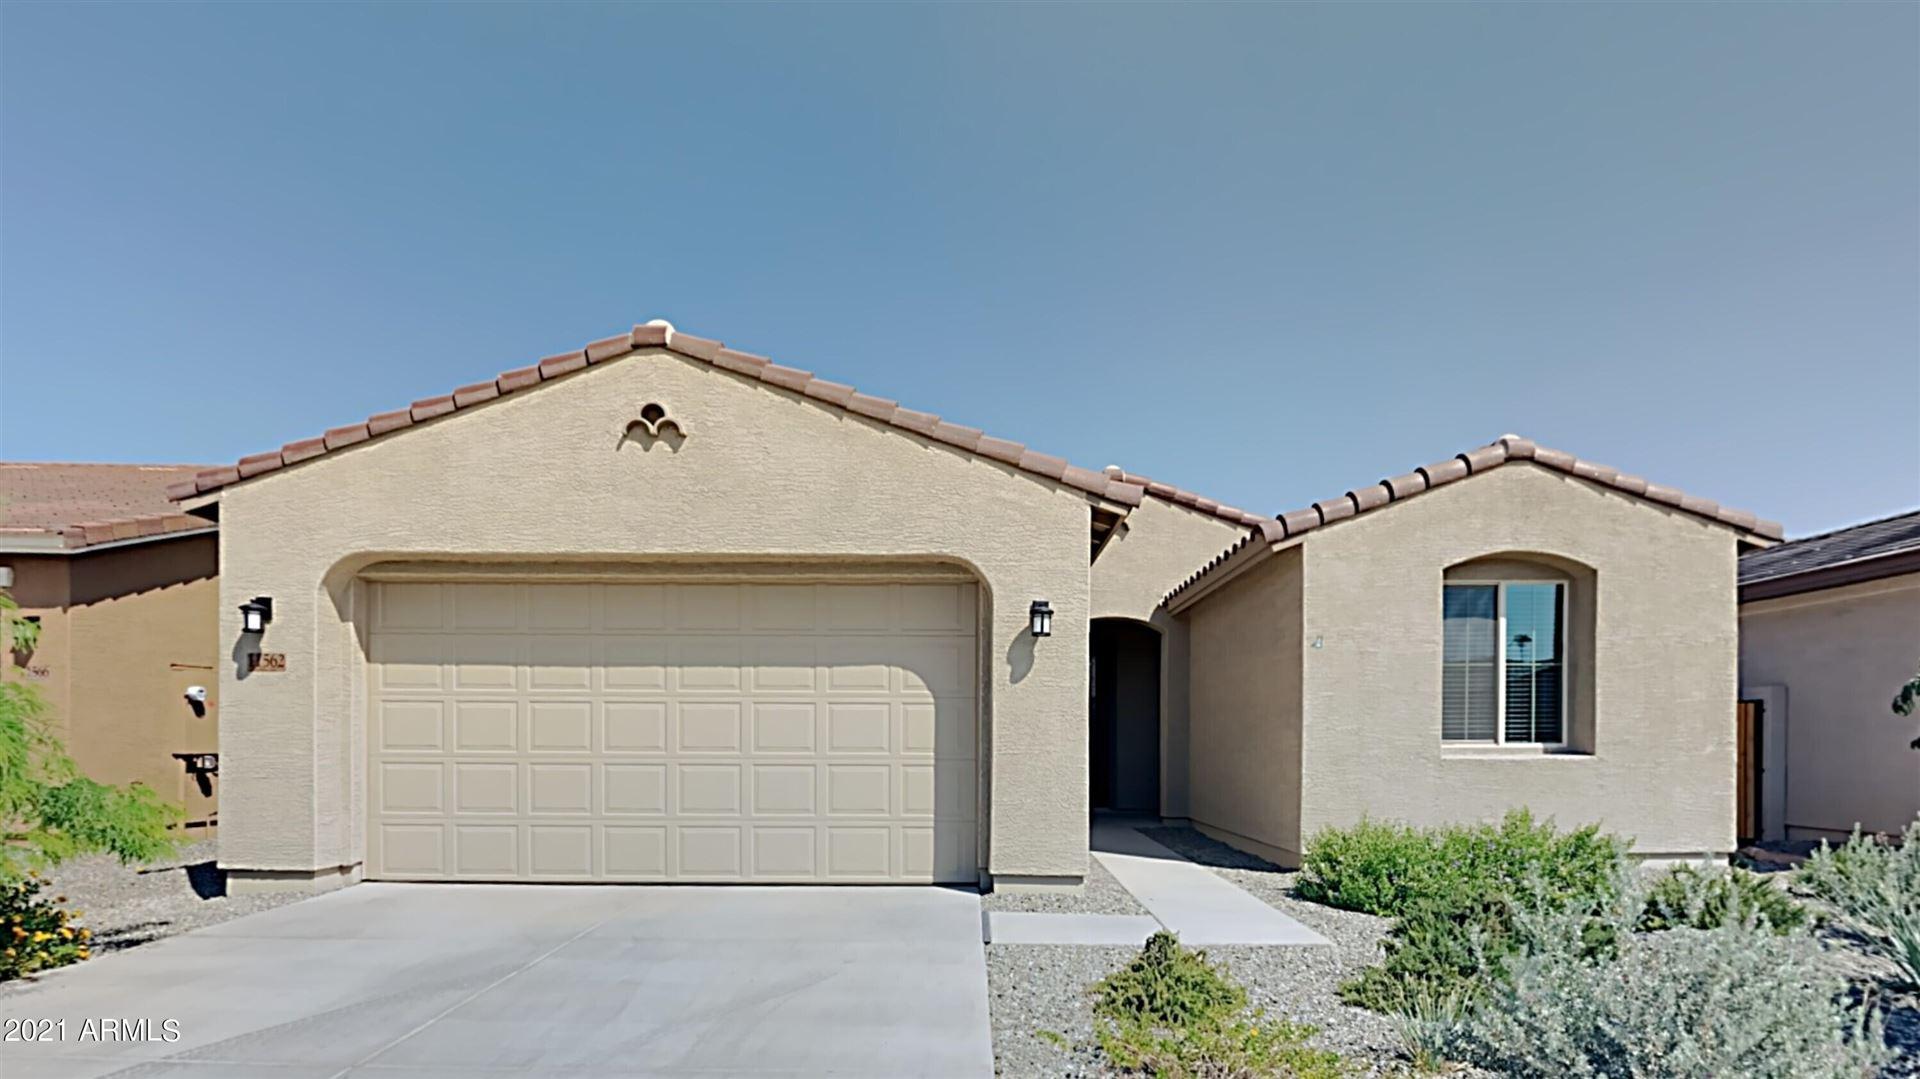 11562 W LEVI Drive, Avondale, AZ 85323 - MLS#: 6295481